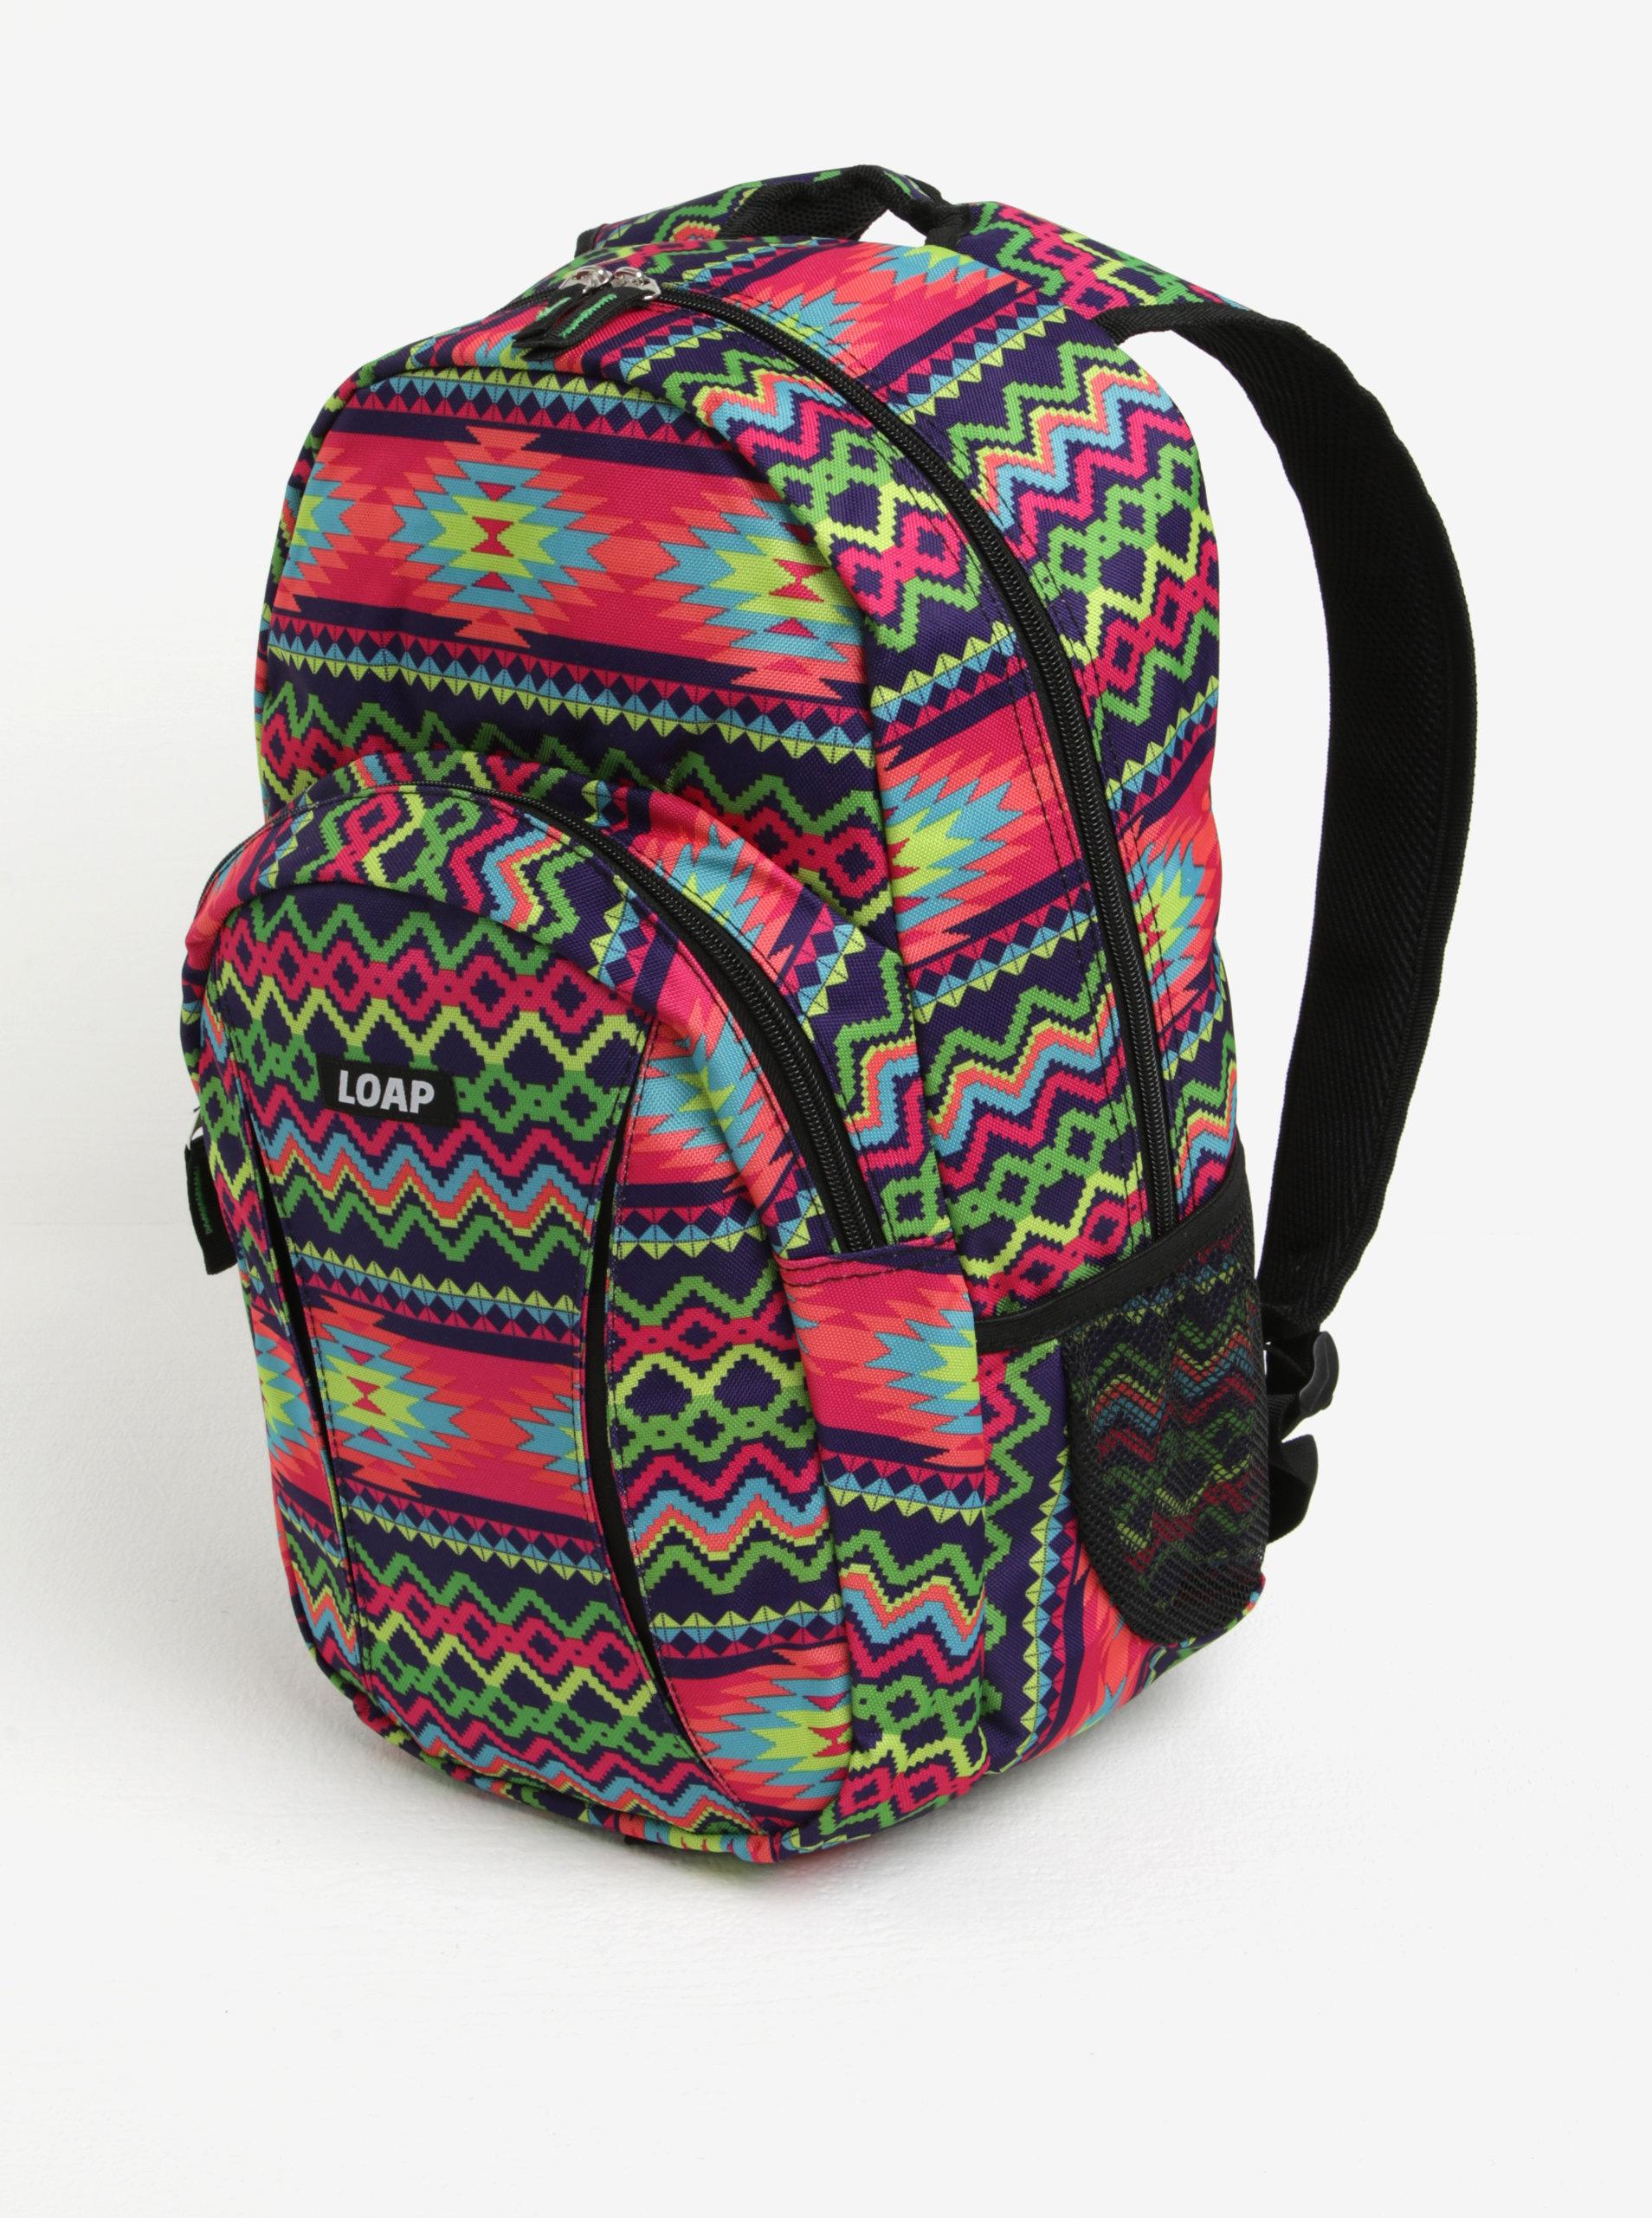 8a6f4f8aaa Růžovo-zelený vzorovaný batoh LOAP Asso 20 l ...